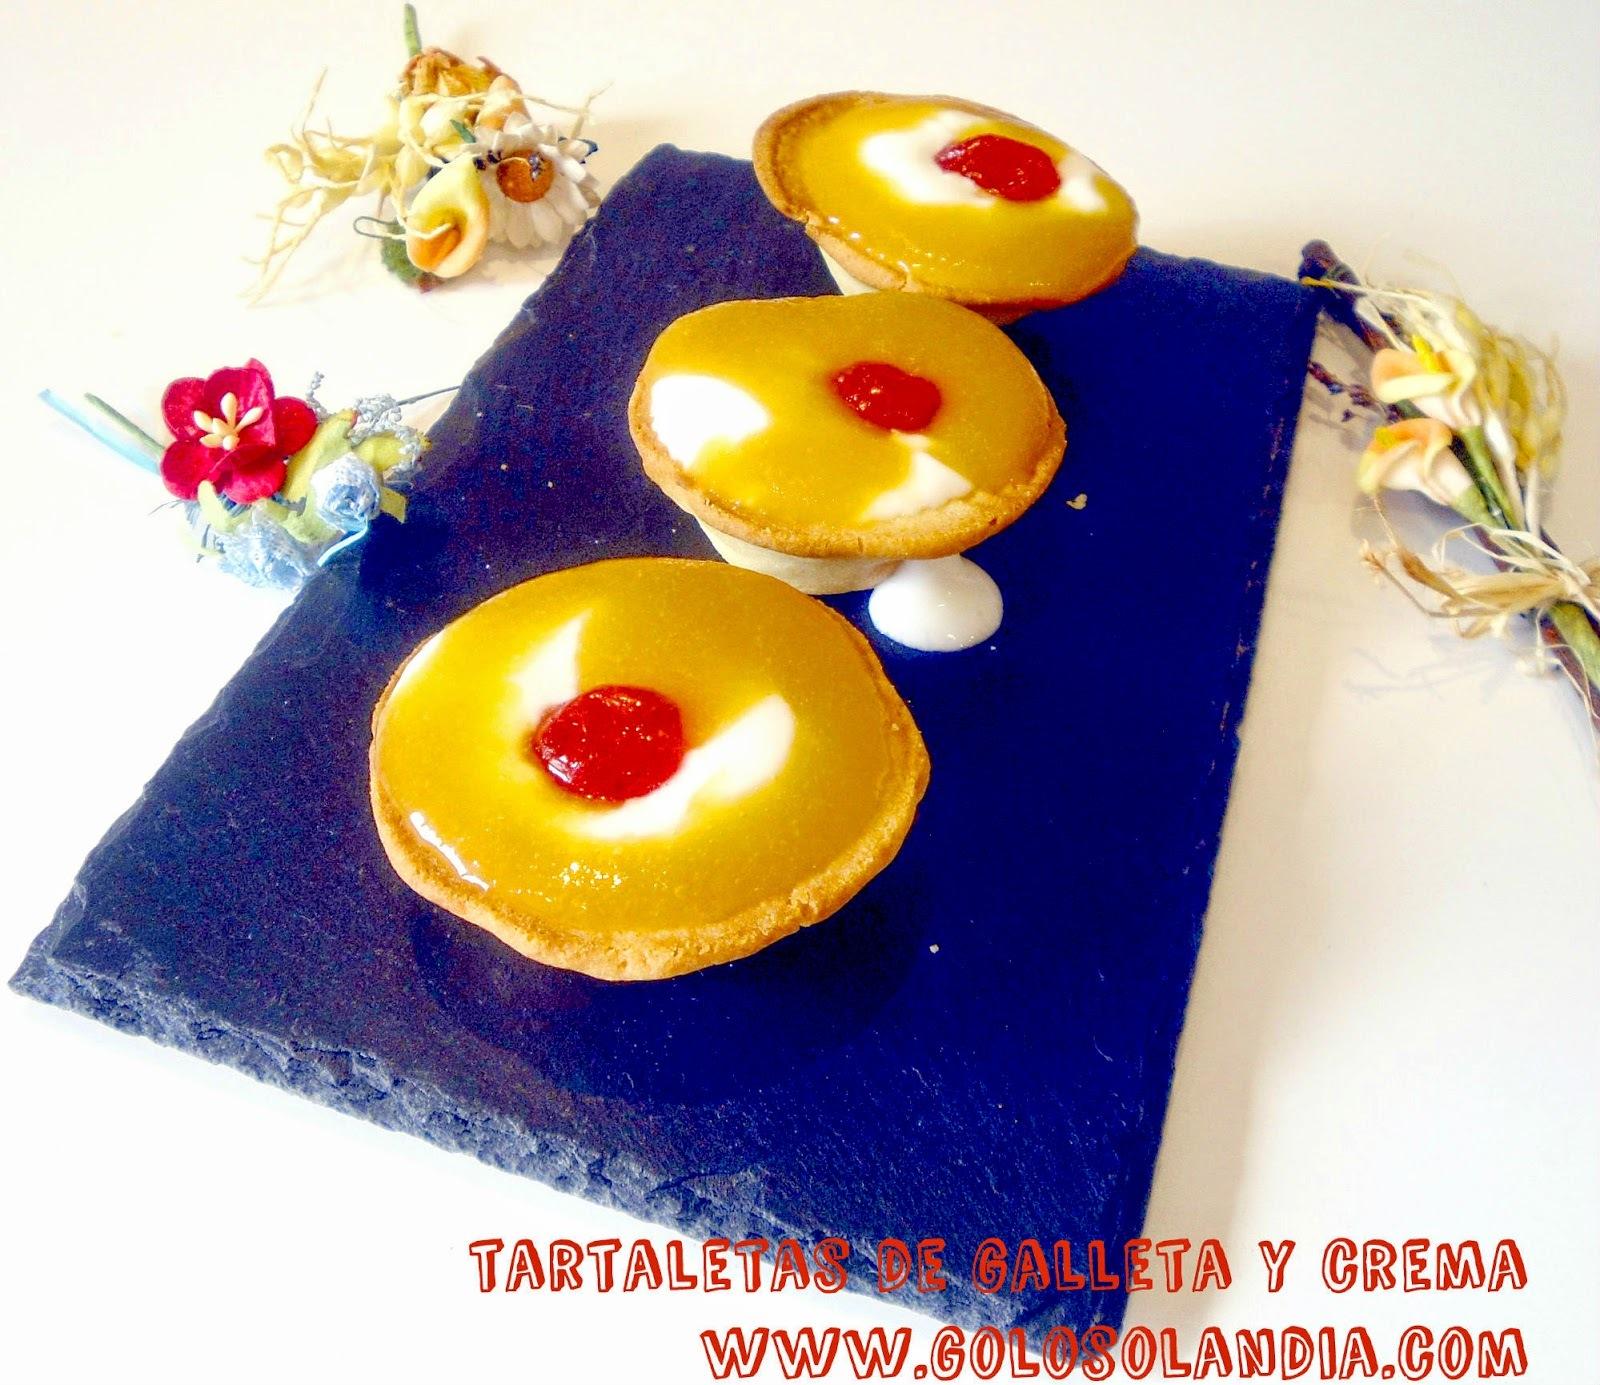 Tartaletas de galleta y crema